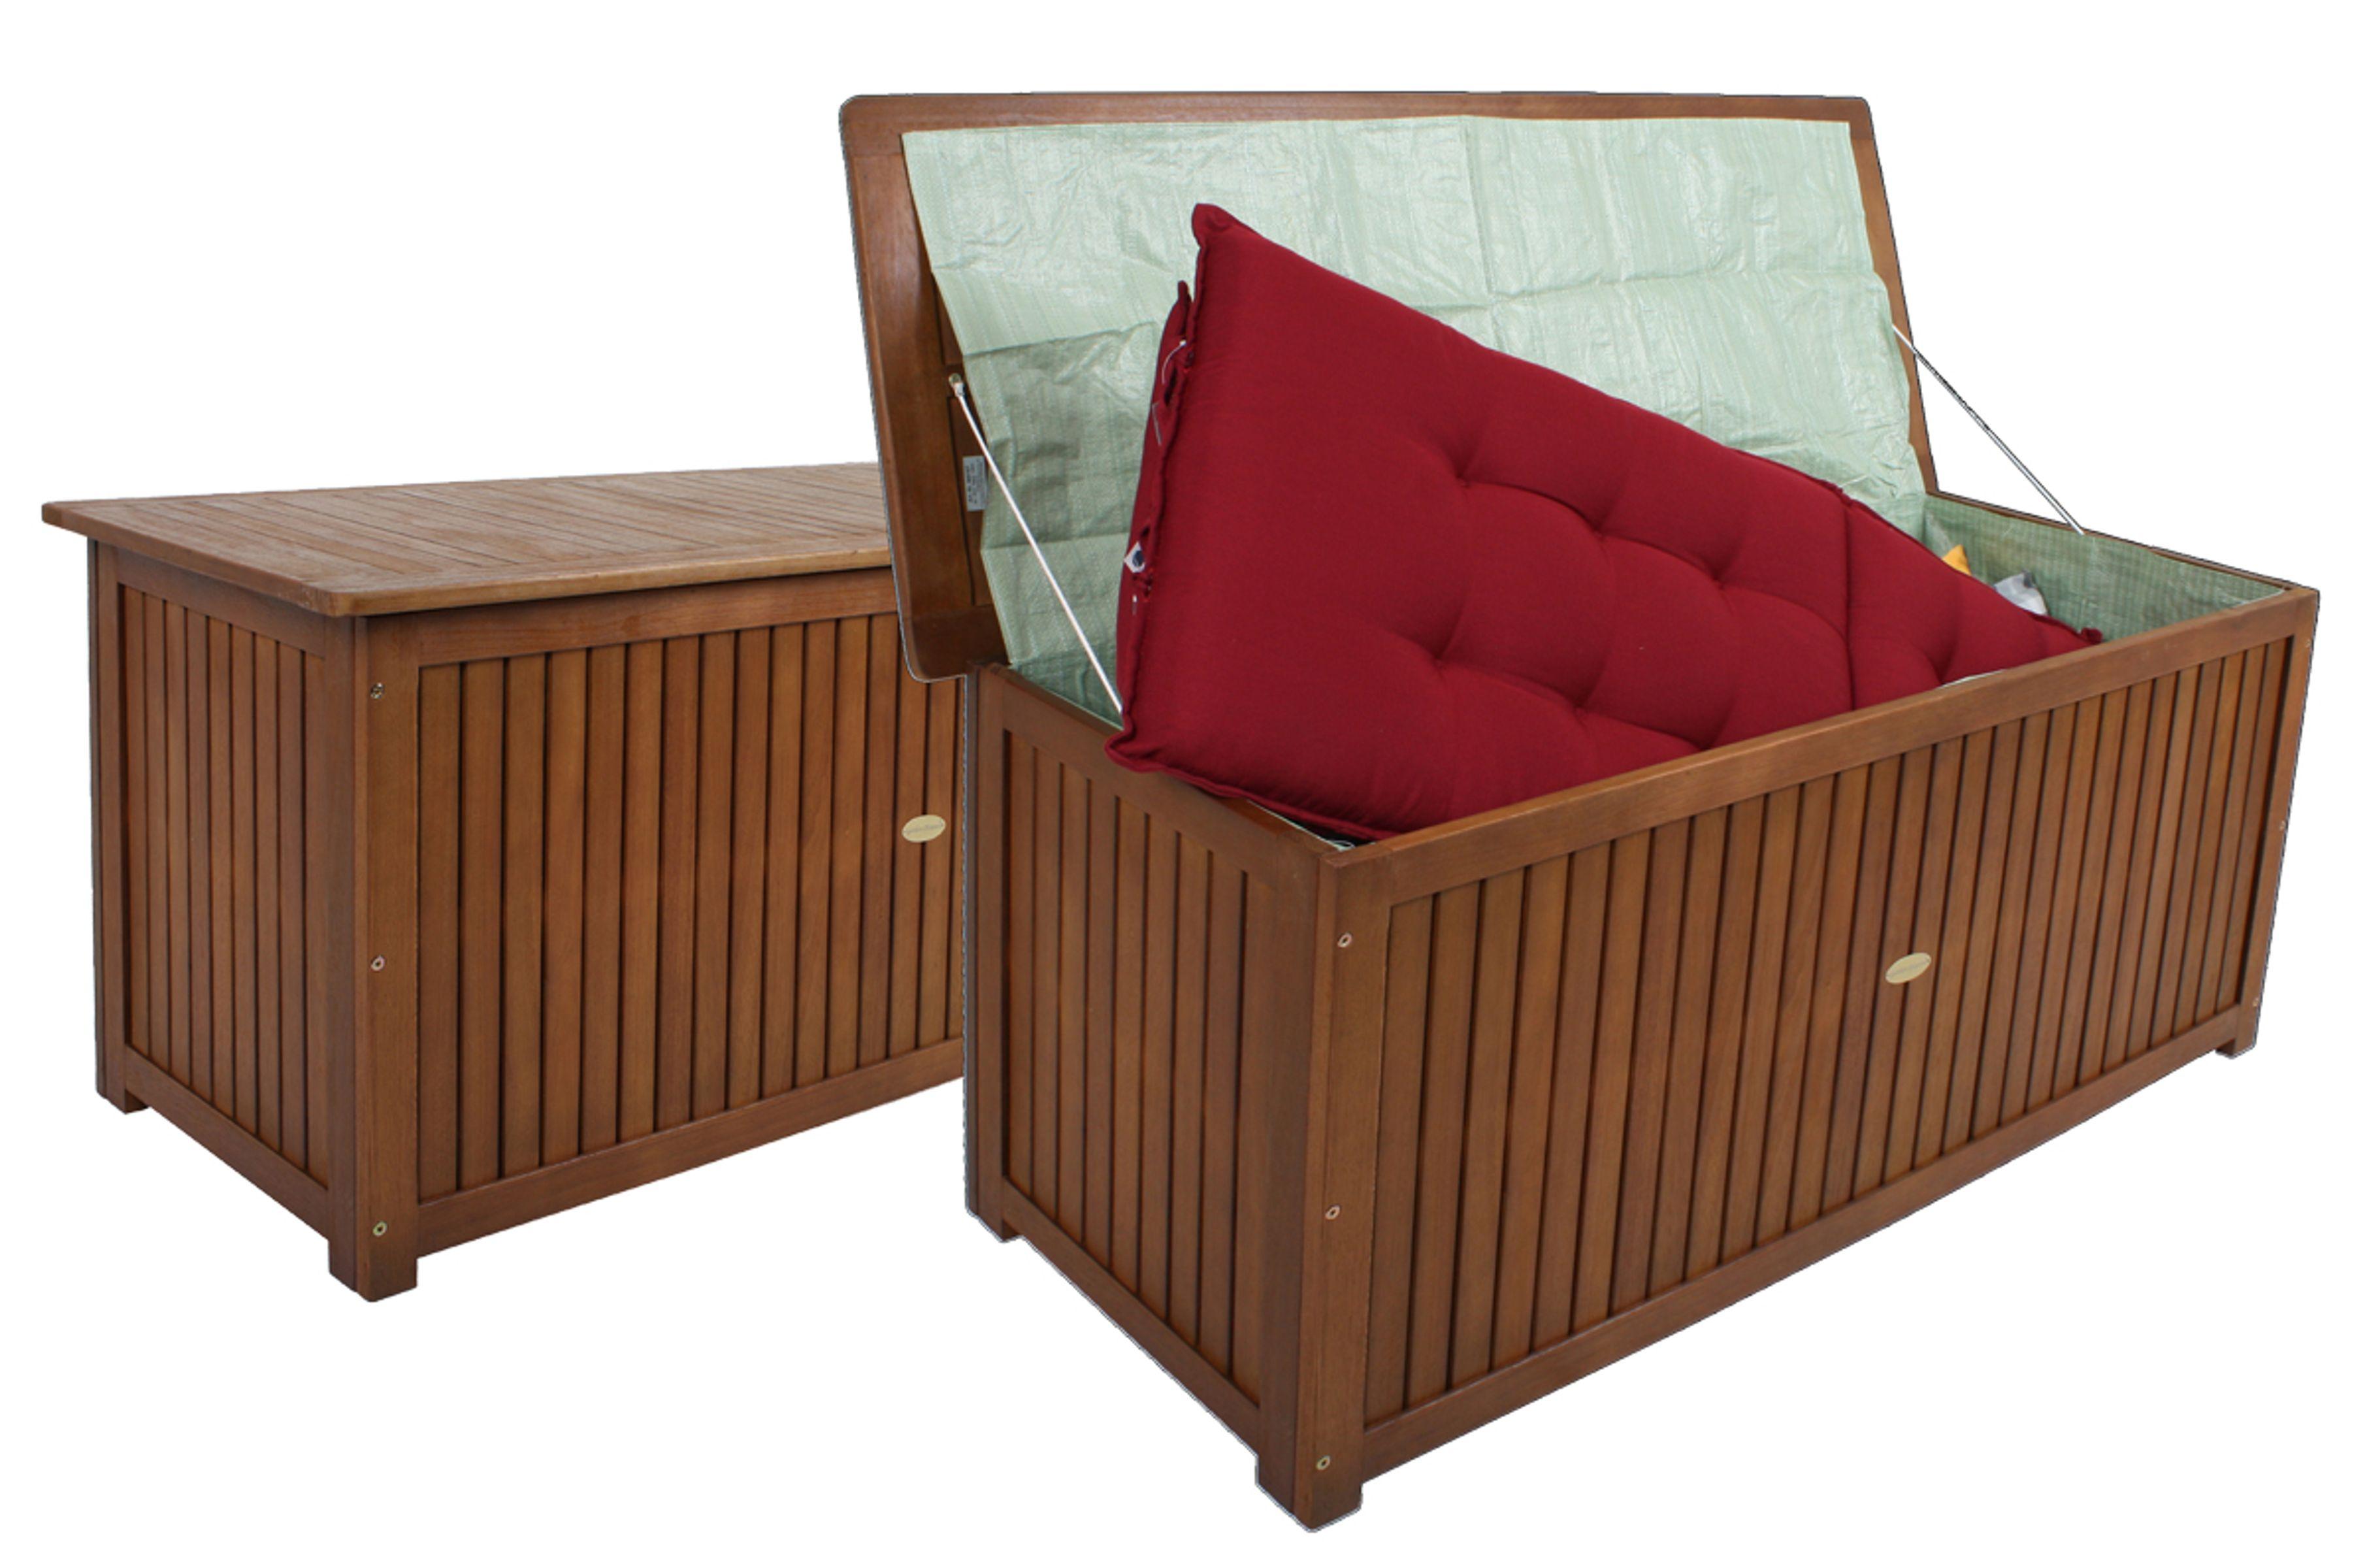 auflagenbox holzkiste auflagenkiste staubox kiste box aufbewahrung auflagen holz garten. Black Bedroom Furniture Sets. Home Design Ideas